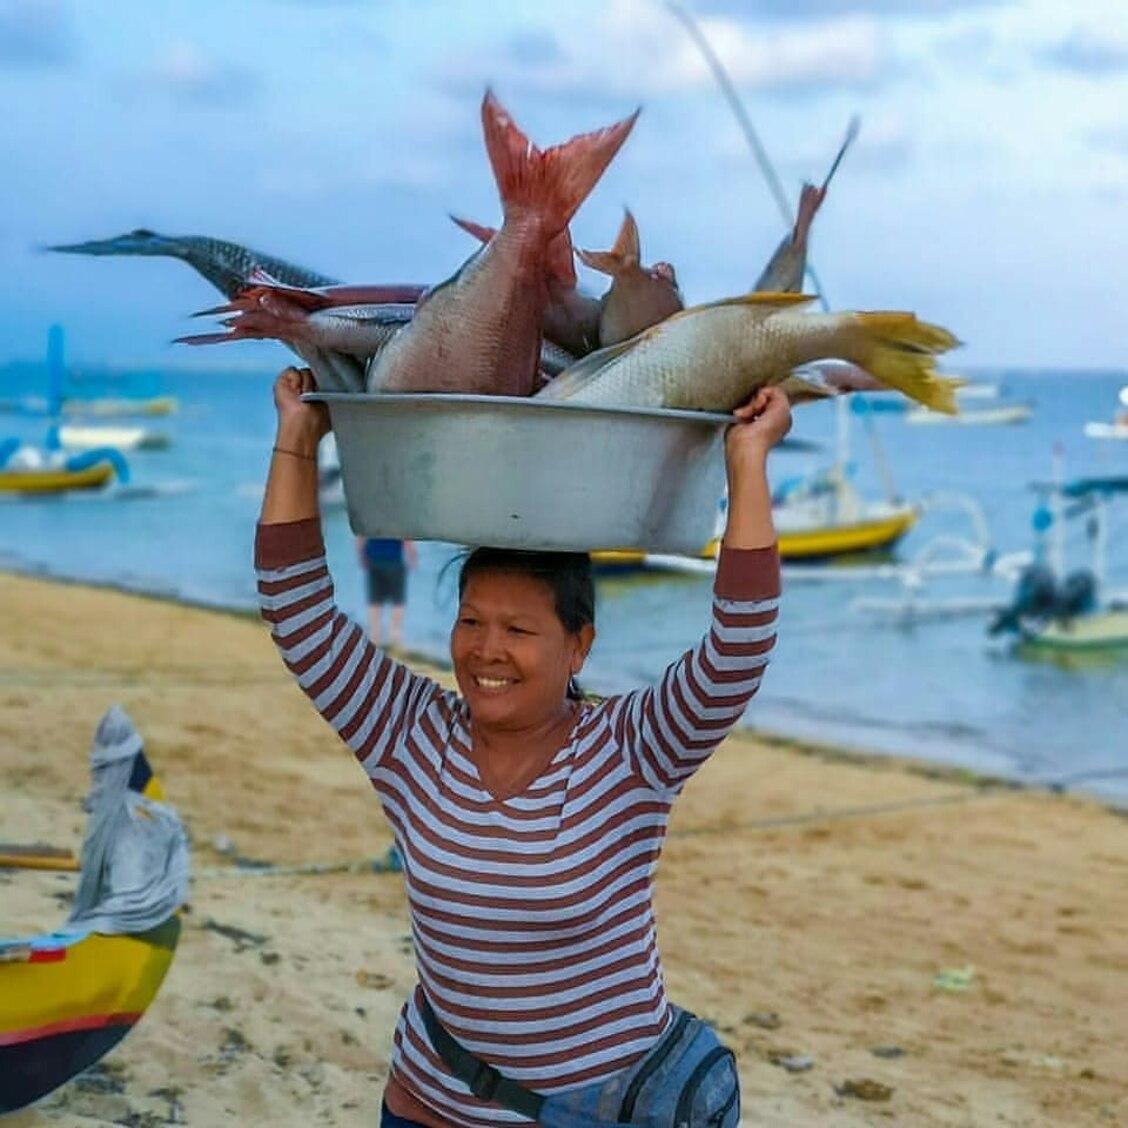 Kedonganan Seafood Market Bali